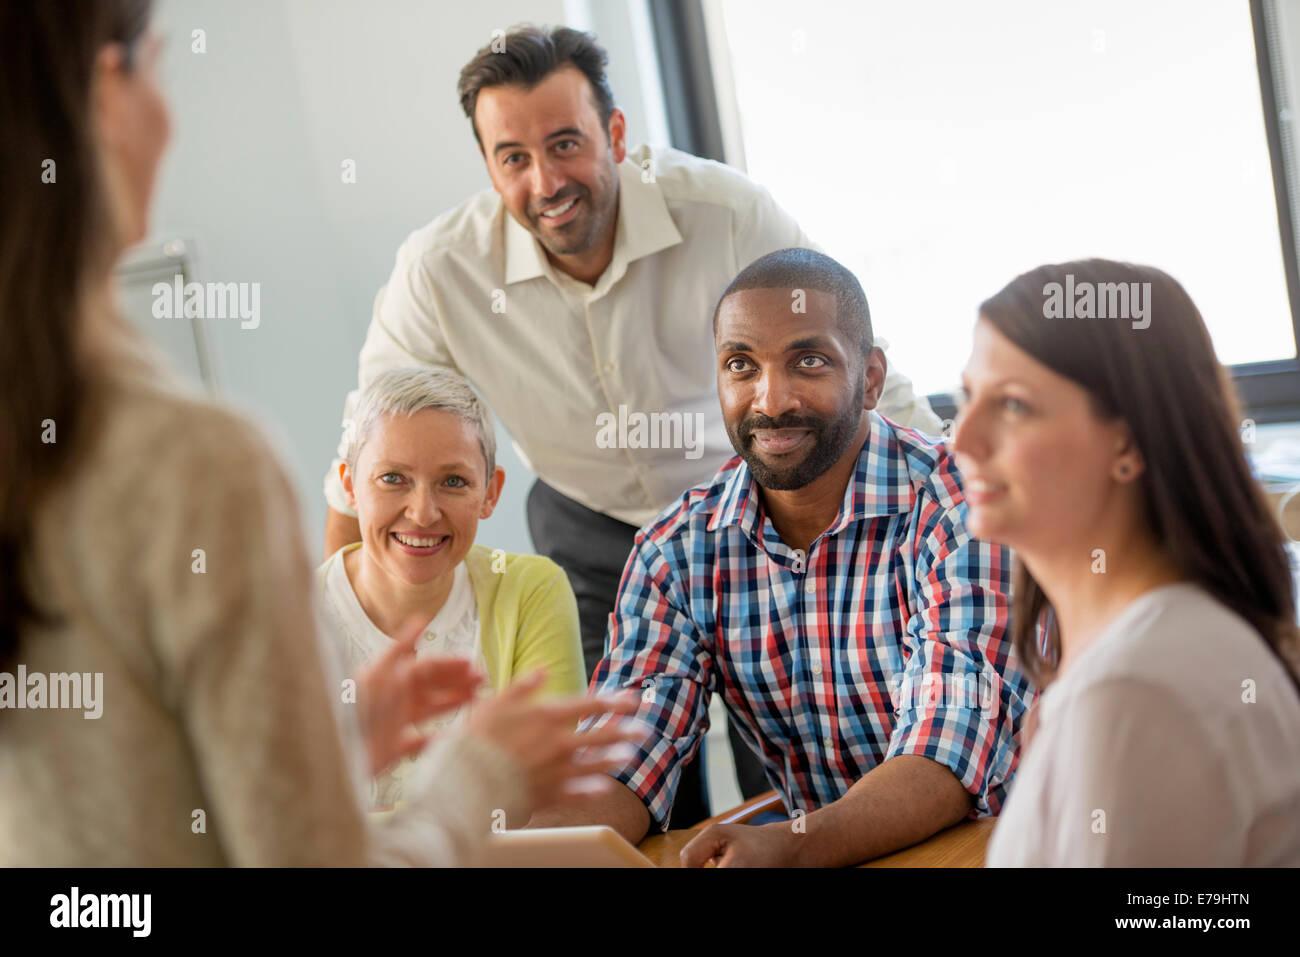 Fünf Menschen in einem Büro, zwei Männer und drei Frauen reden. Stockbild